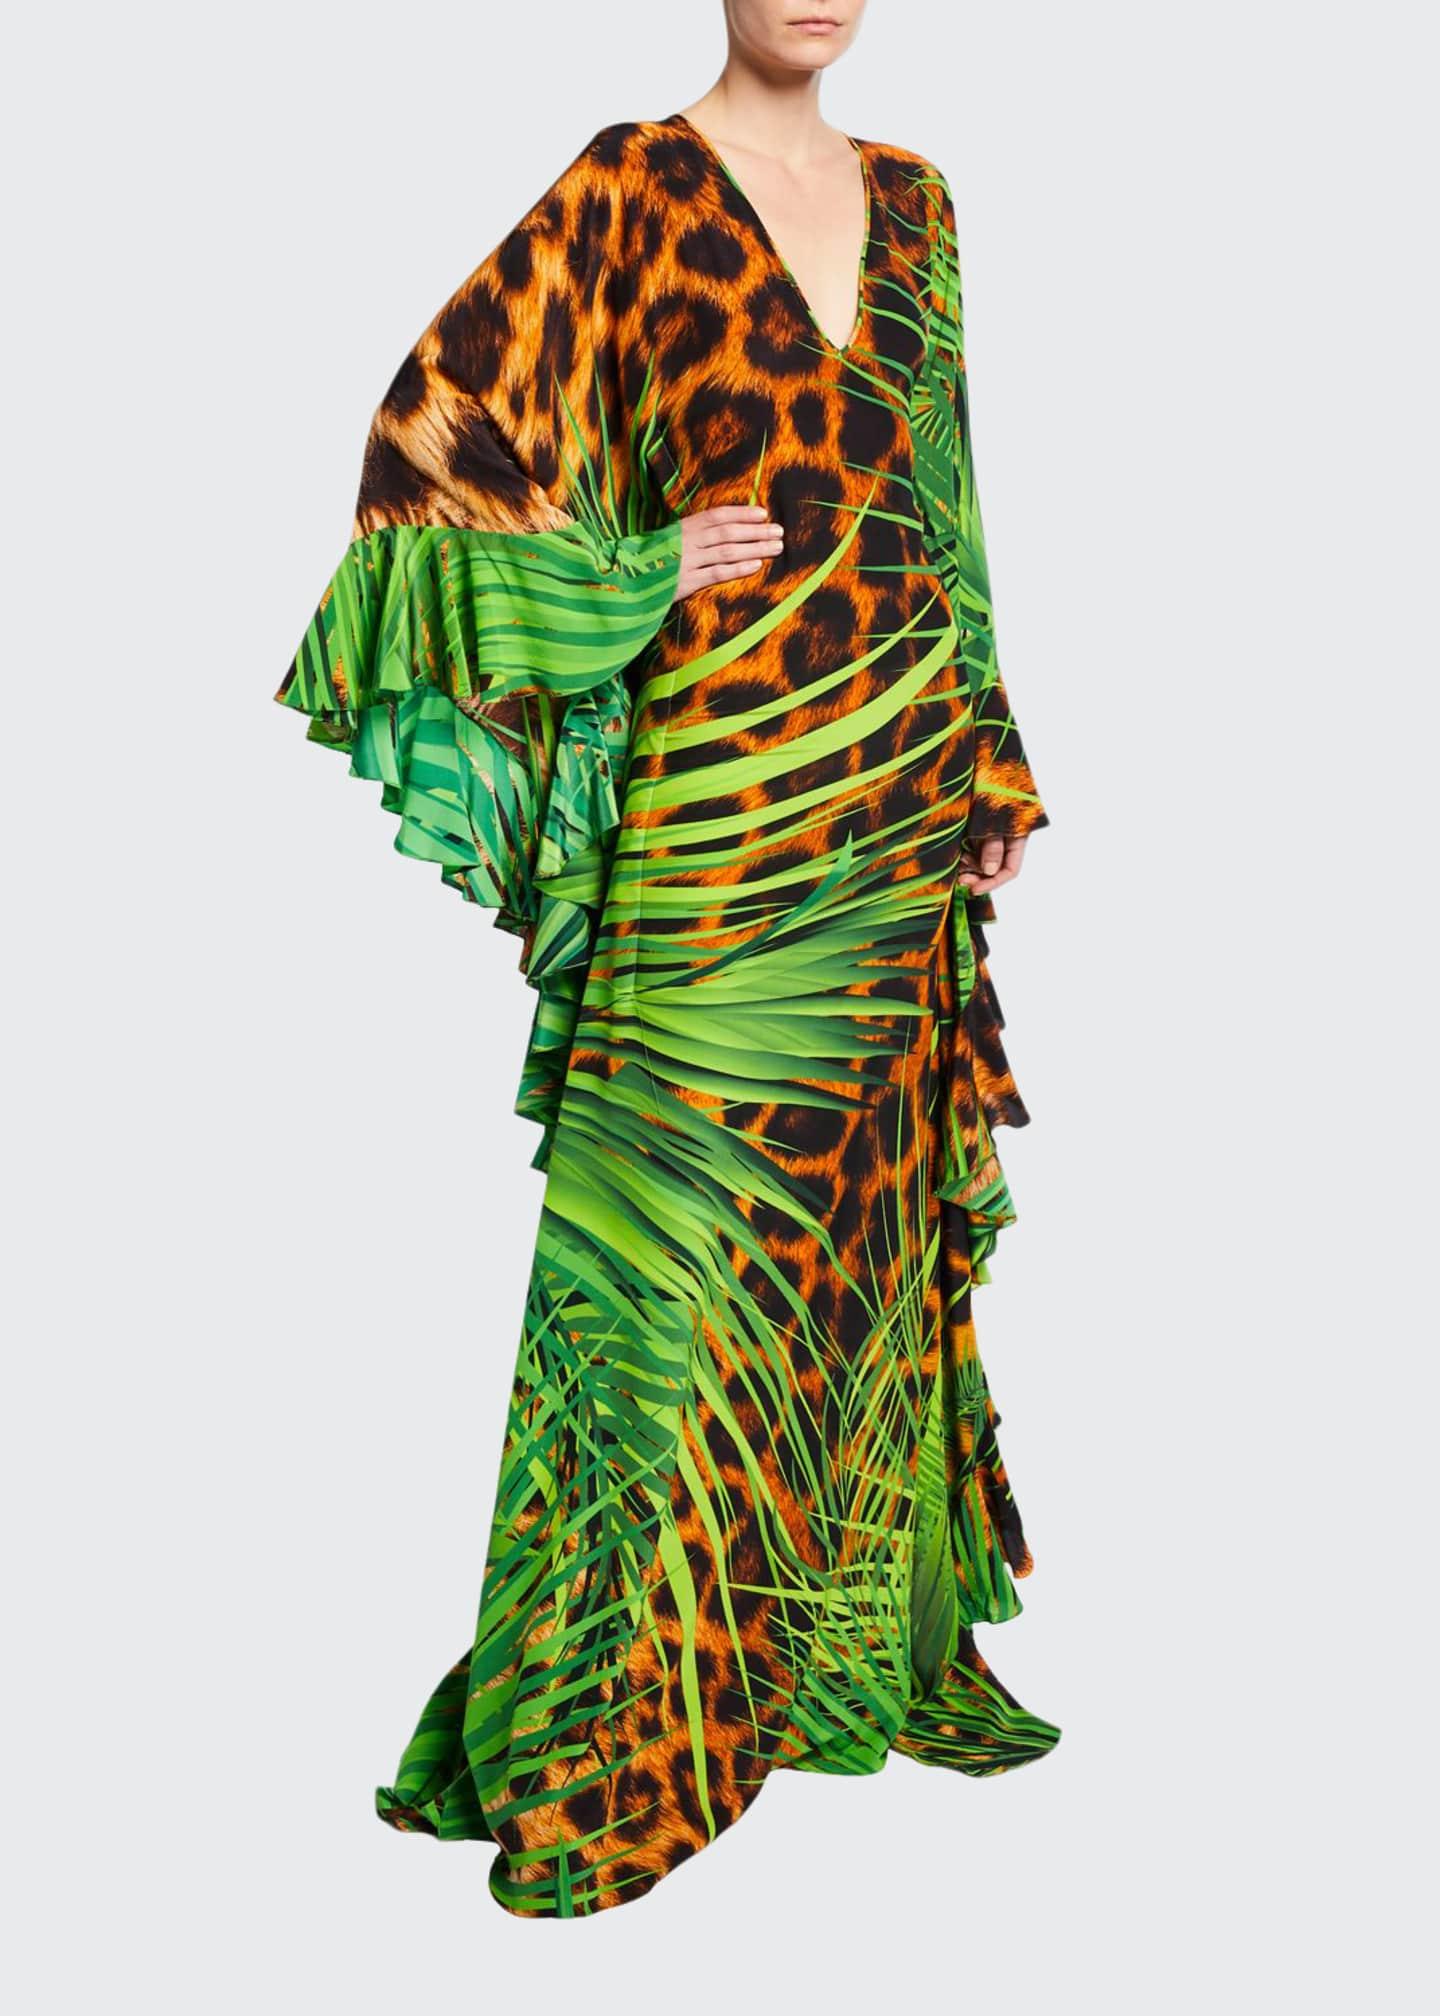 Naeem Khan Jungle Animal Print V-Neck Caftan